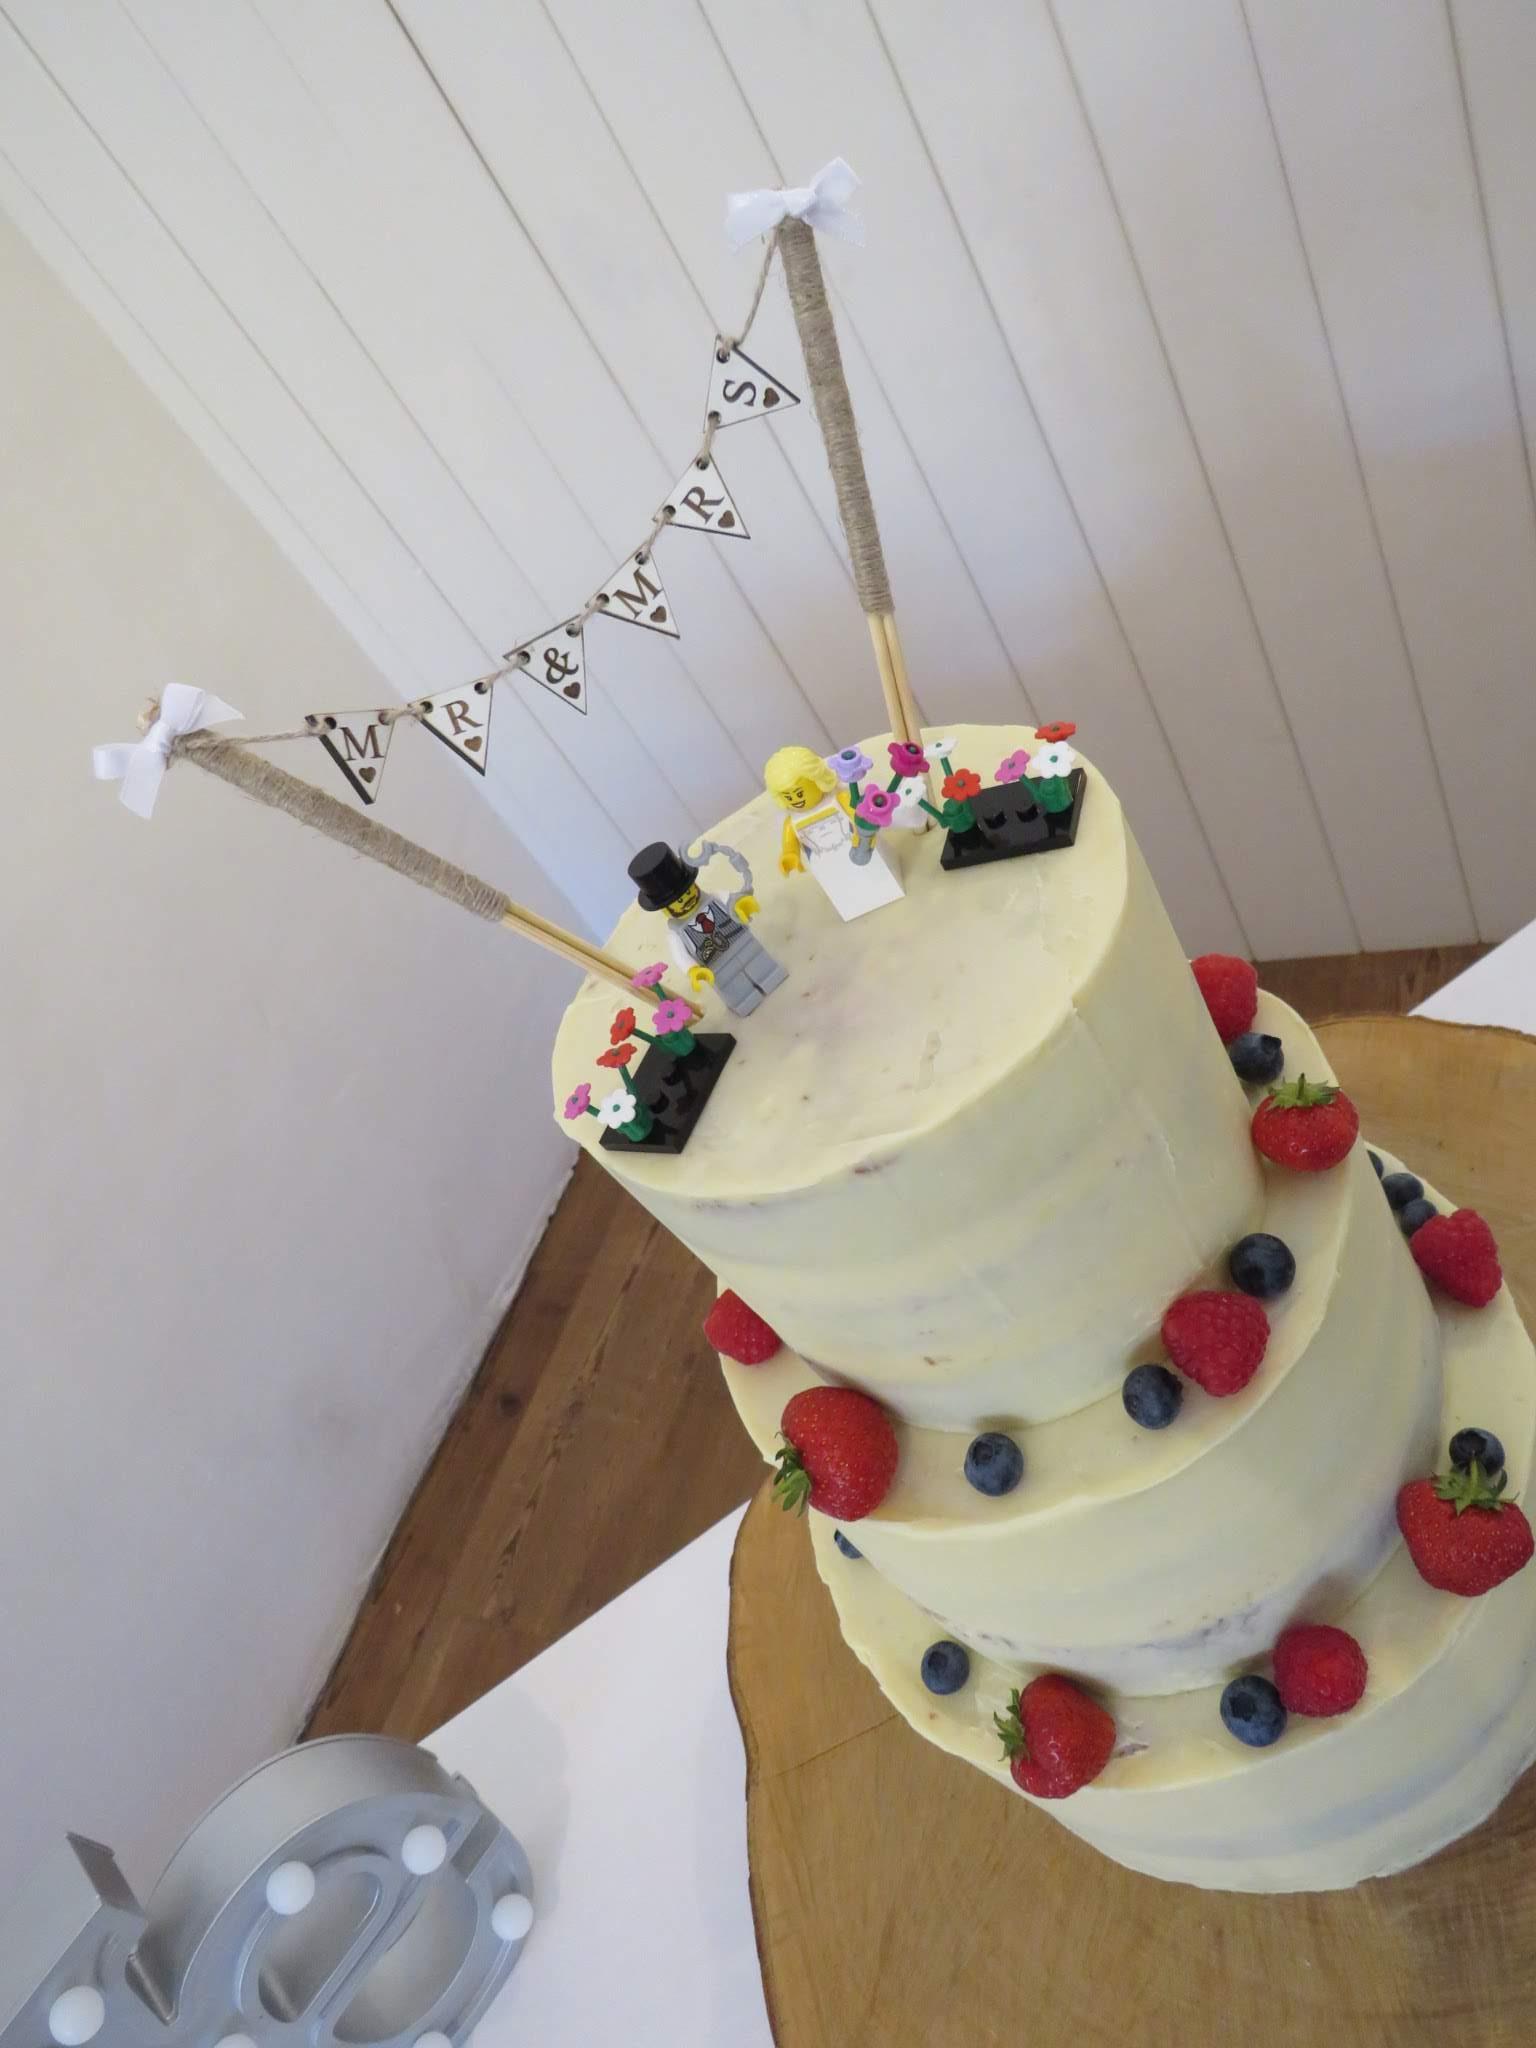 Semi-naked wedding cake with lego couple & flowers